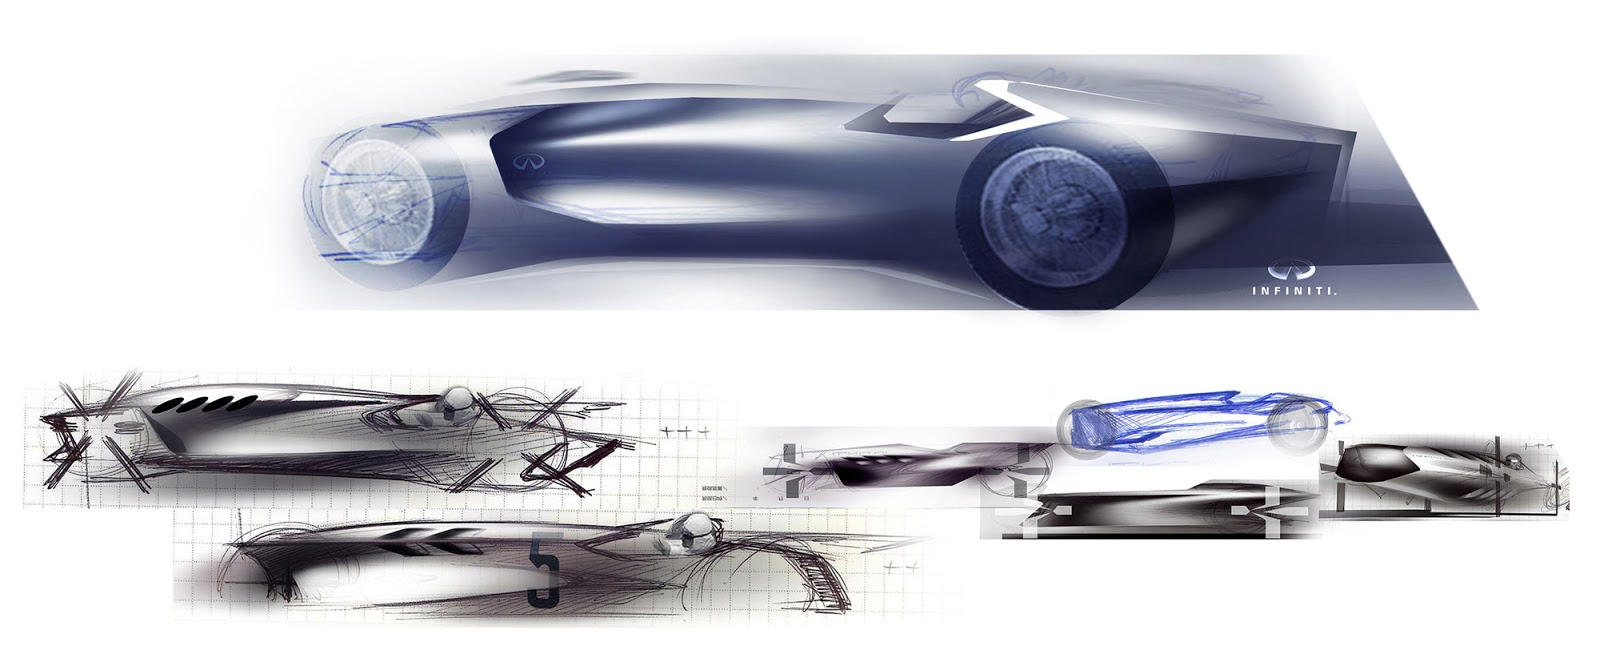 Infiniti Prototype 9 development sketches